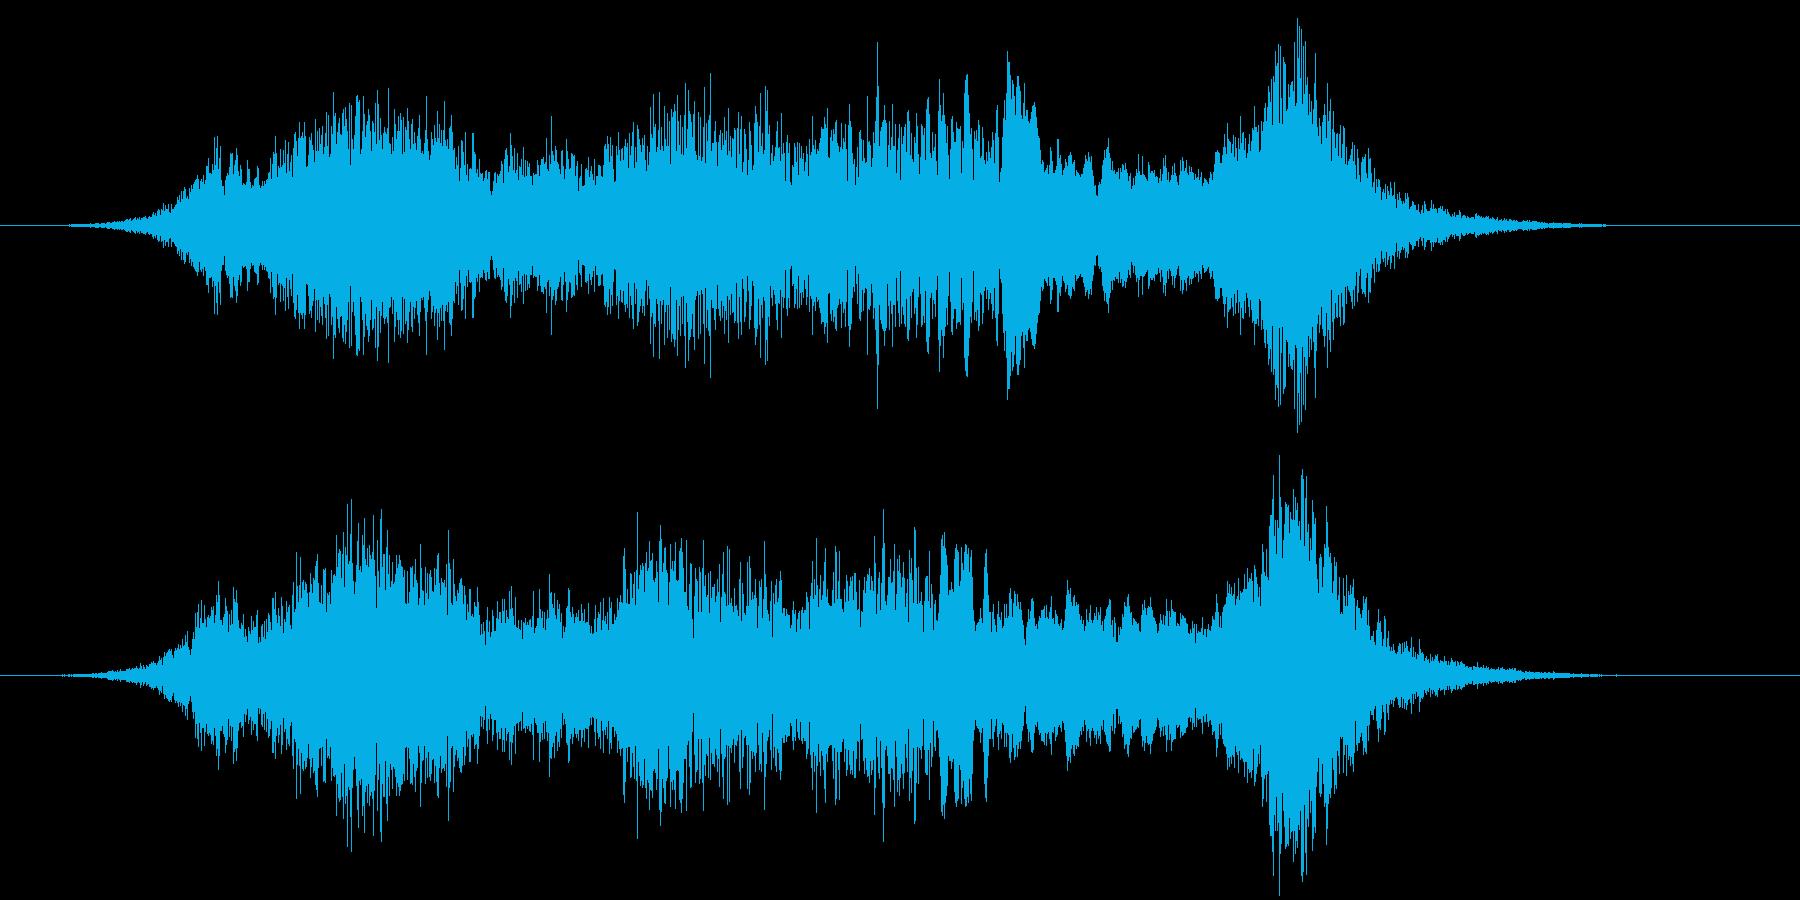 【ホラー・映画演出】キャラクター登場の再生済みの波形